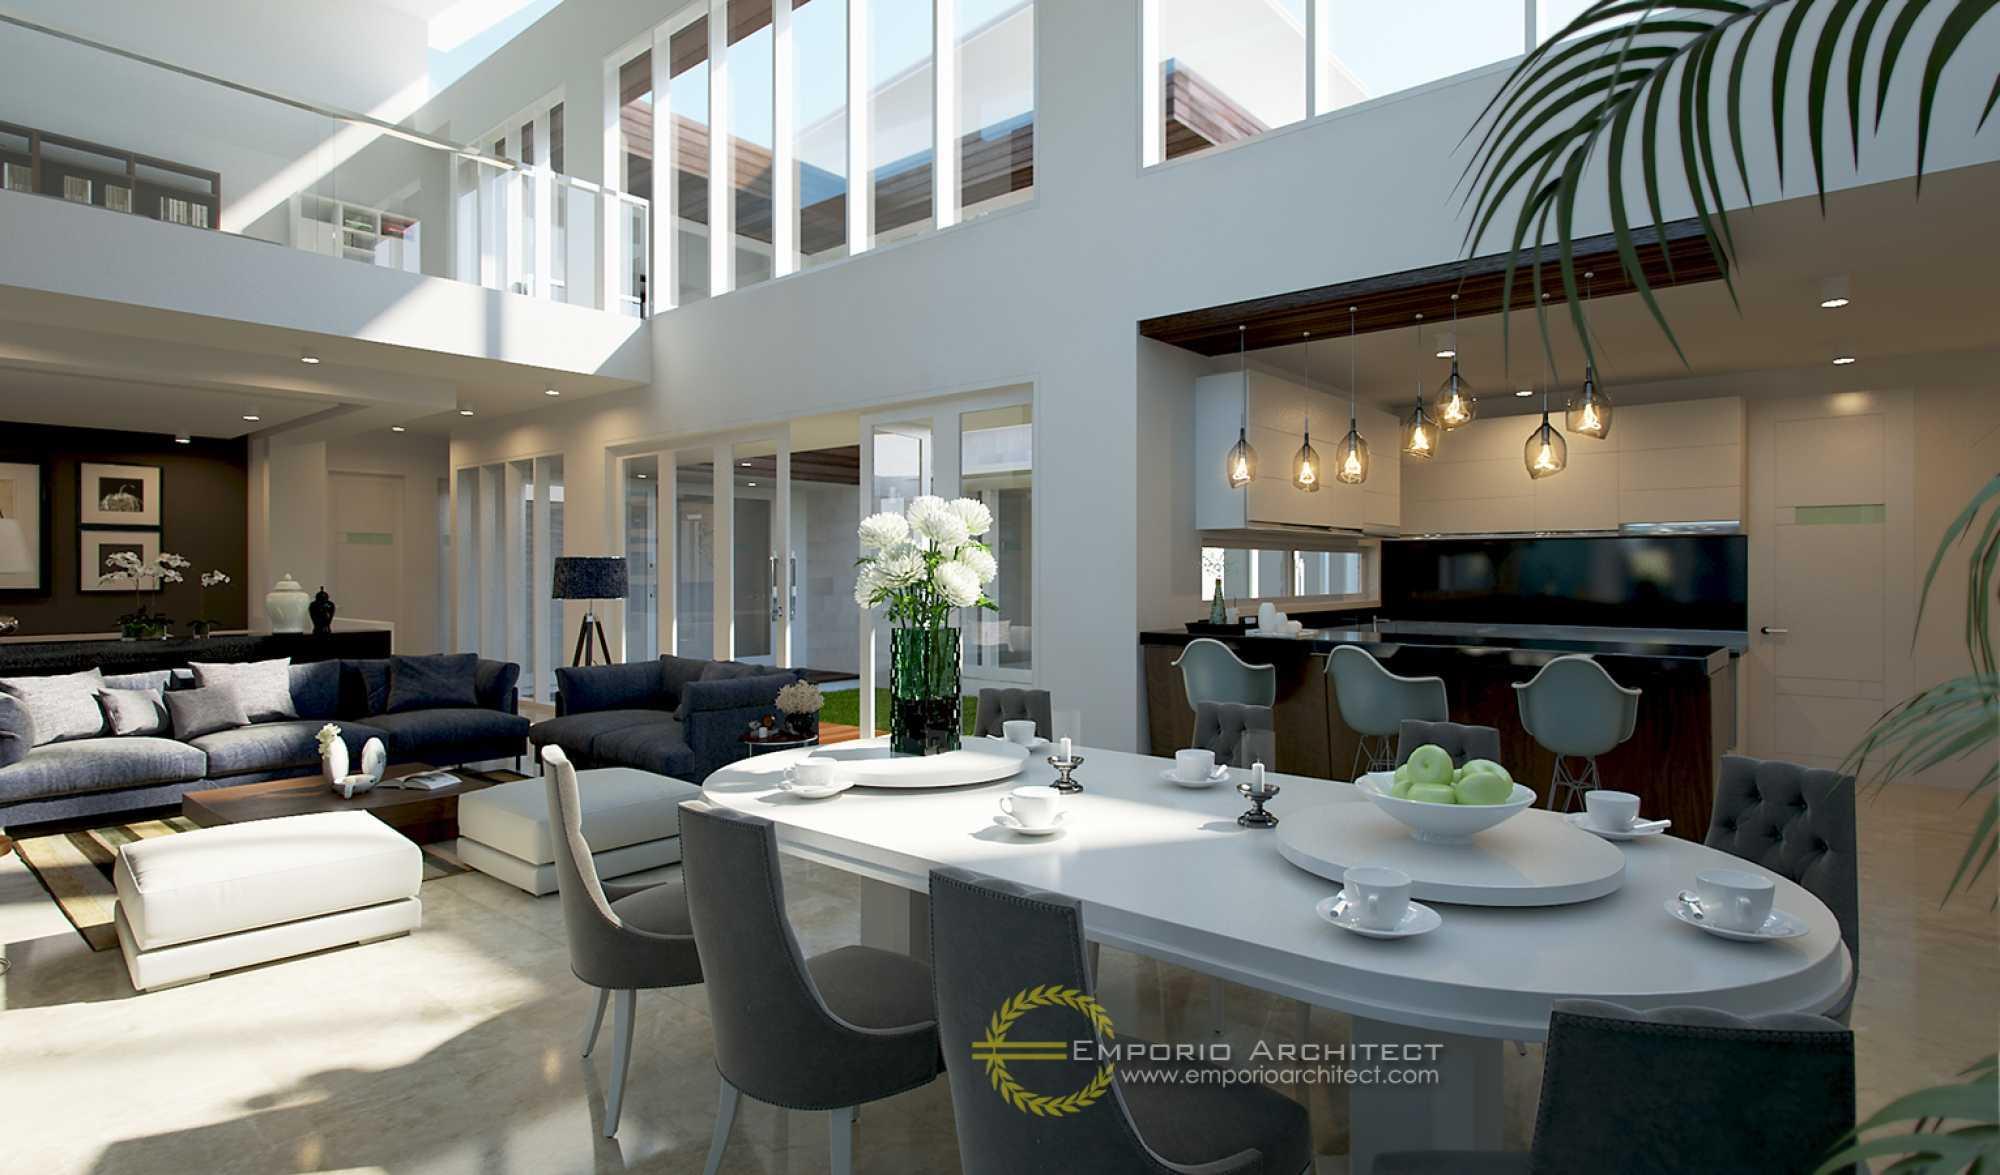 Emporio Architect Jasa Arsitek Aceh Desain Rumah Modern Tropis 203 @ Aceh Aceh, Indonesia Aceh, Indonesia Emporio-Architect-Jasa-Arsitek-Aceh-Desain-Rumah-Modern-Tropis-203-Aceh  78938